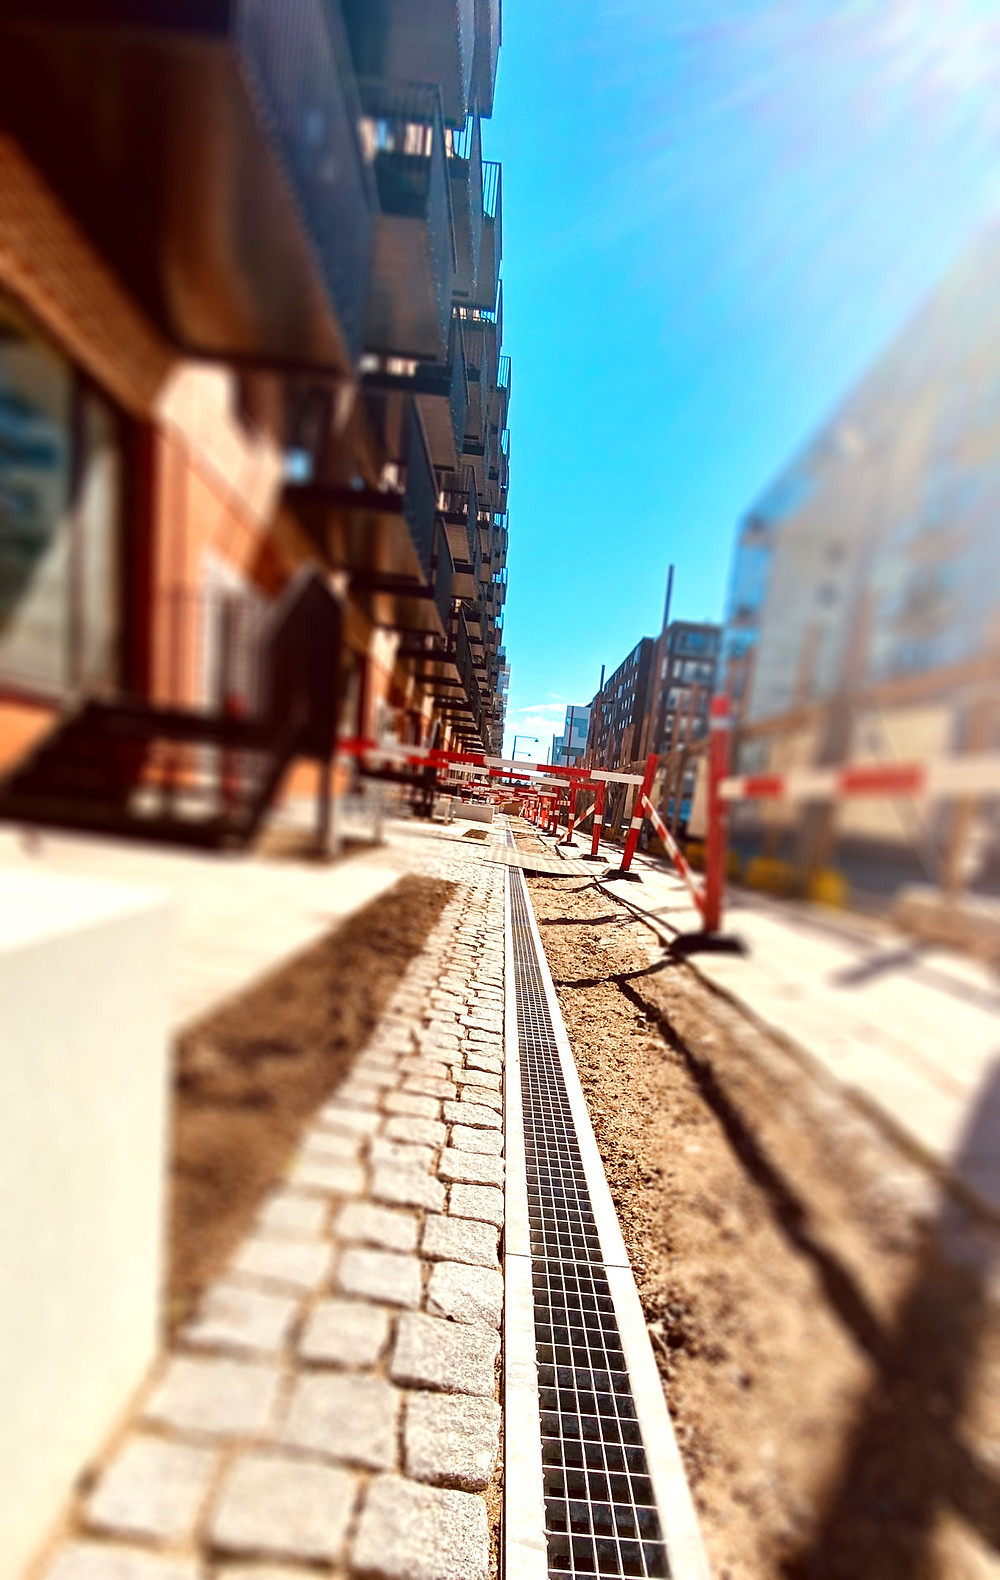 Betonentreprenør, in situ, in-situ, beton, jord og kloak, gartner og belægning, norDC, nor|DC, bæredygtig beton, bæredygtig, nor|DC, norbyg, V8, V8c, V8 construction, professionel entreprenør, Renovering, anlæg, armering, bundplader, terrændæk, glittet, juttet, betonentreprenøren, jord og beton